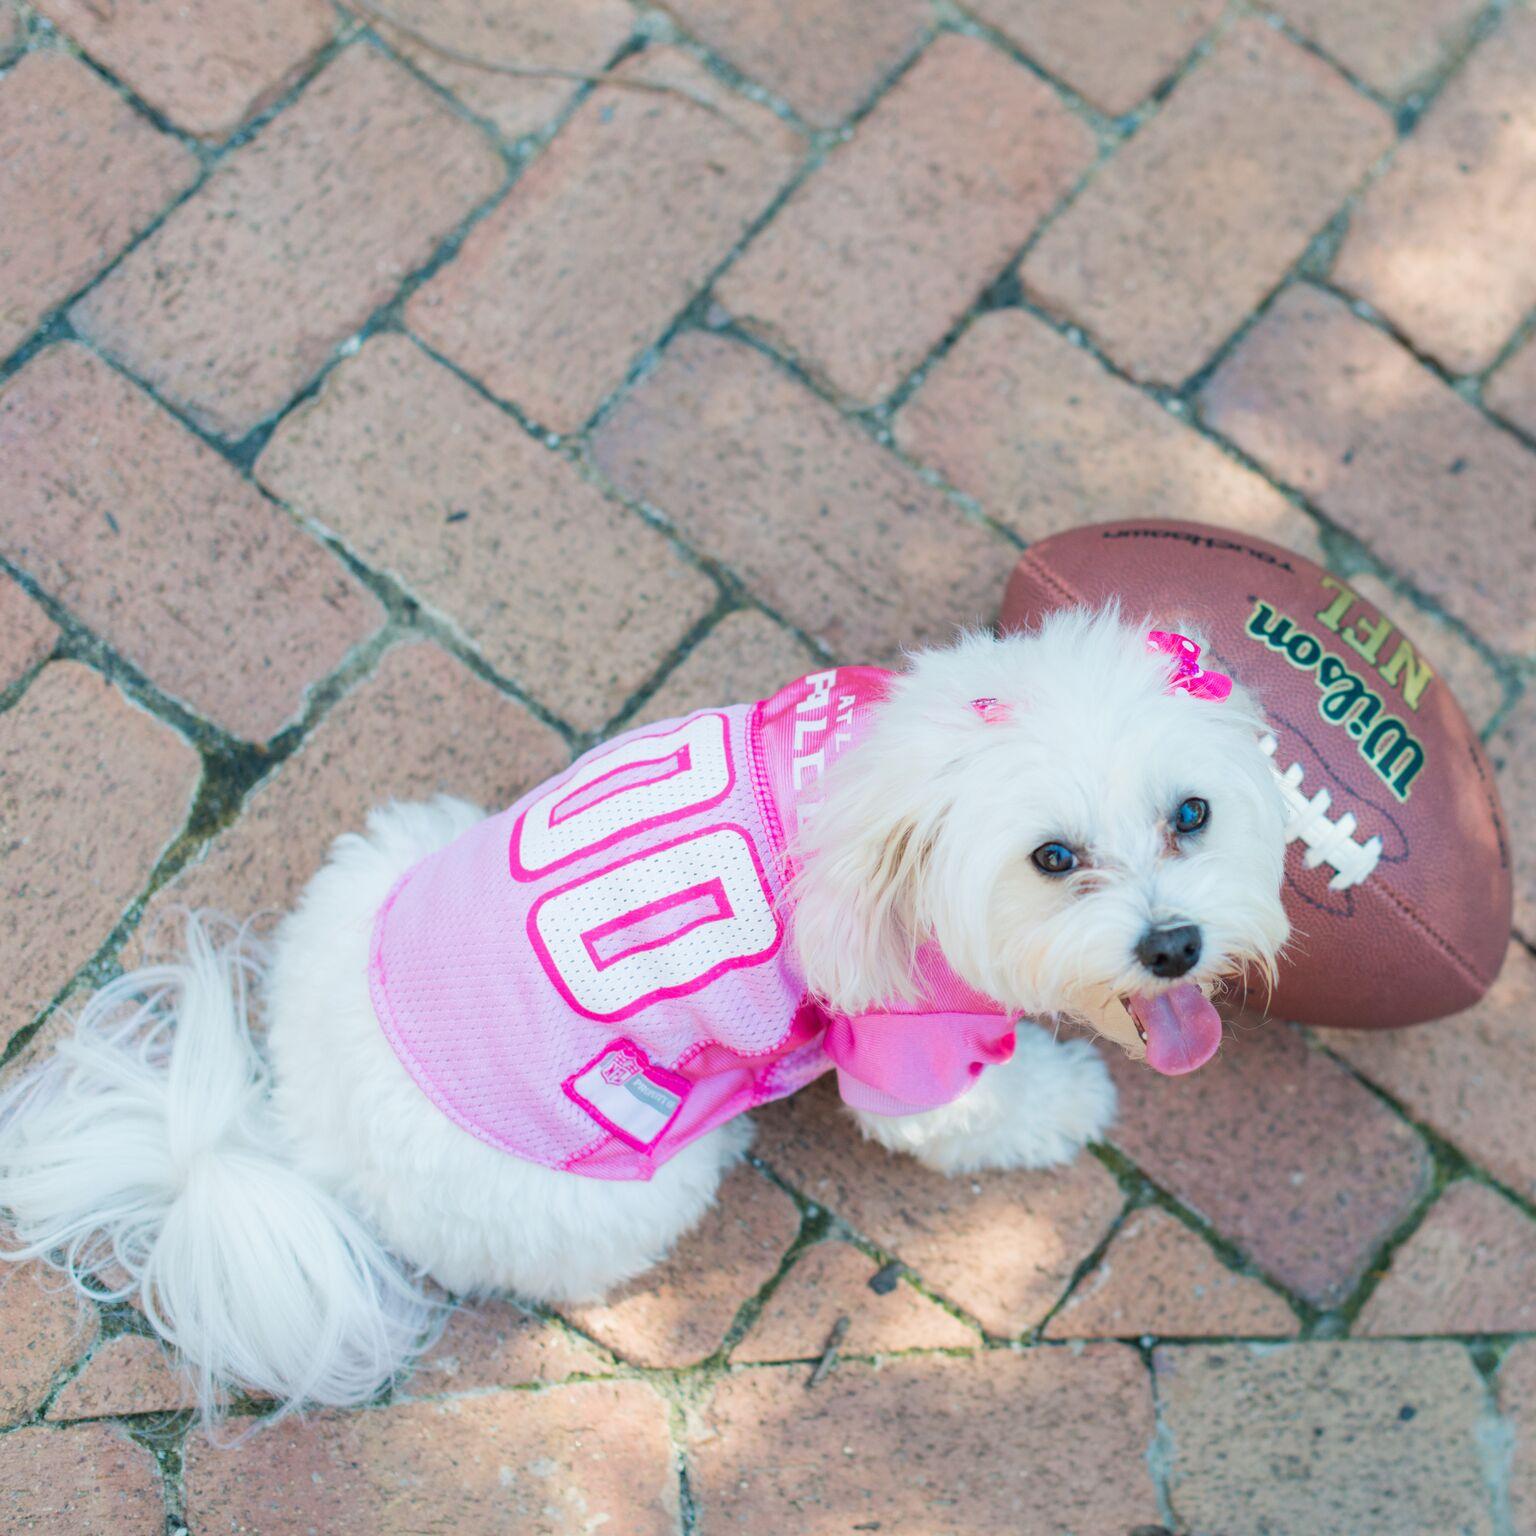 Find Stella on Instagram @downwardfacingdoggie